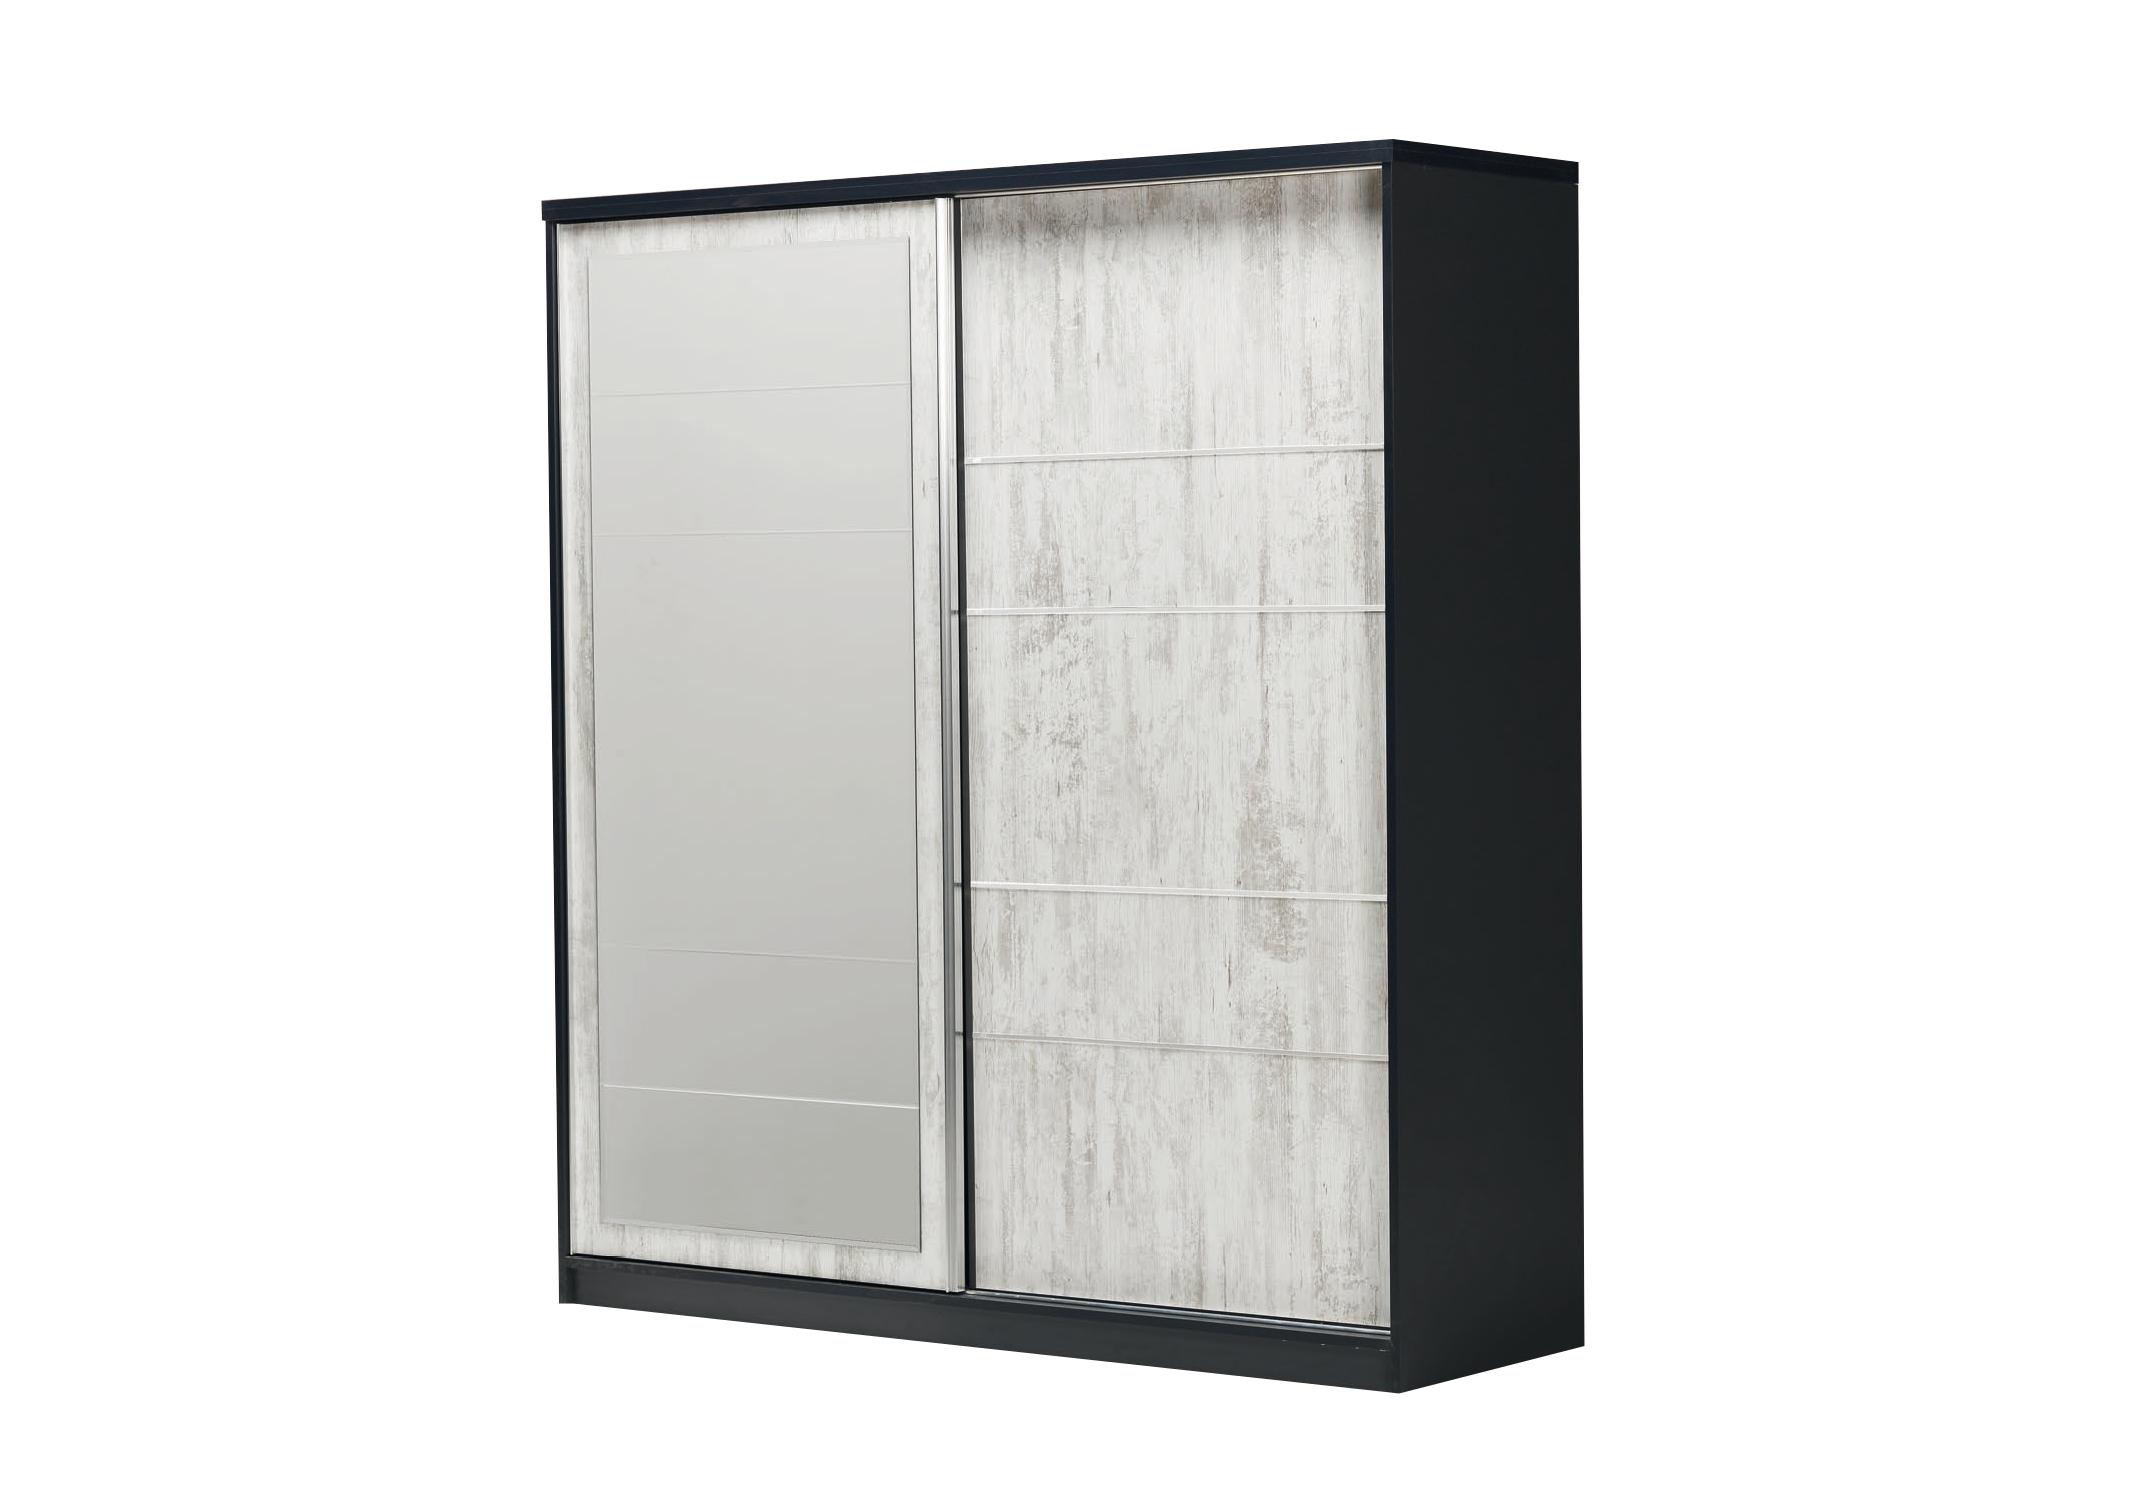 Armoire coulissante miroir chêne blanc IBIZA